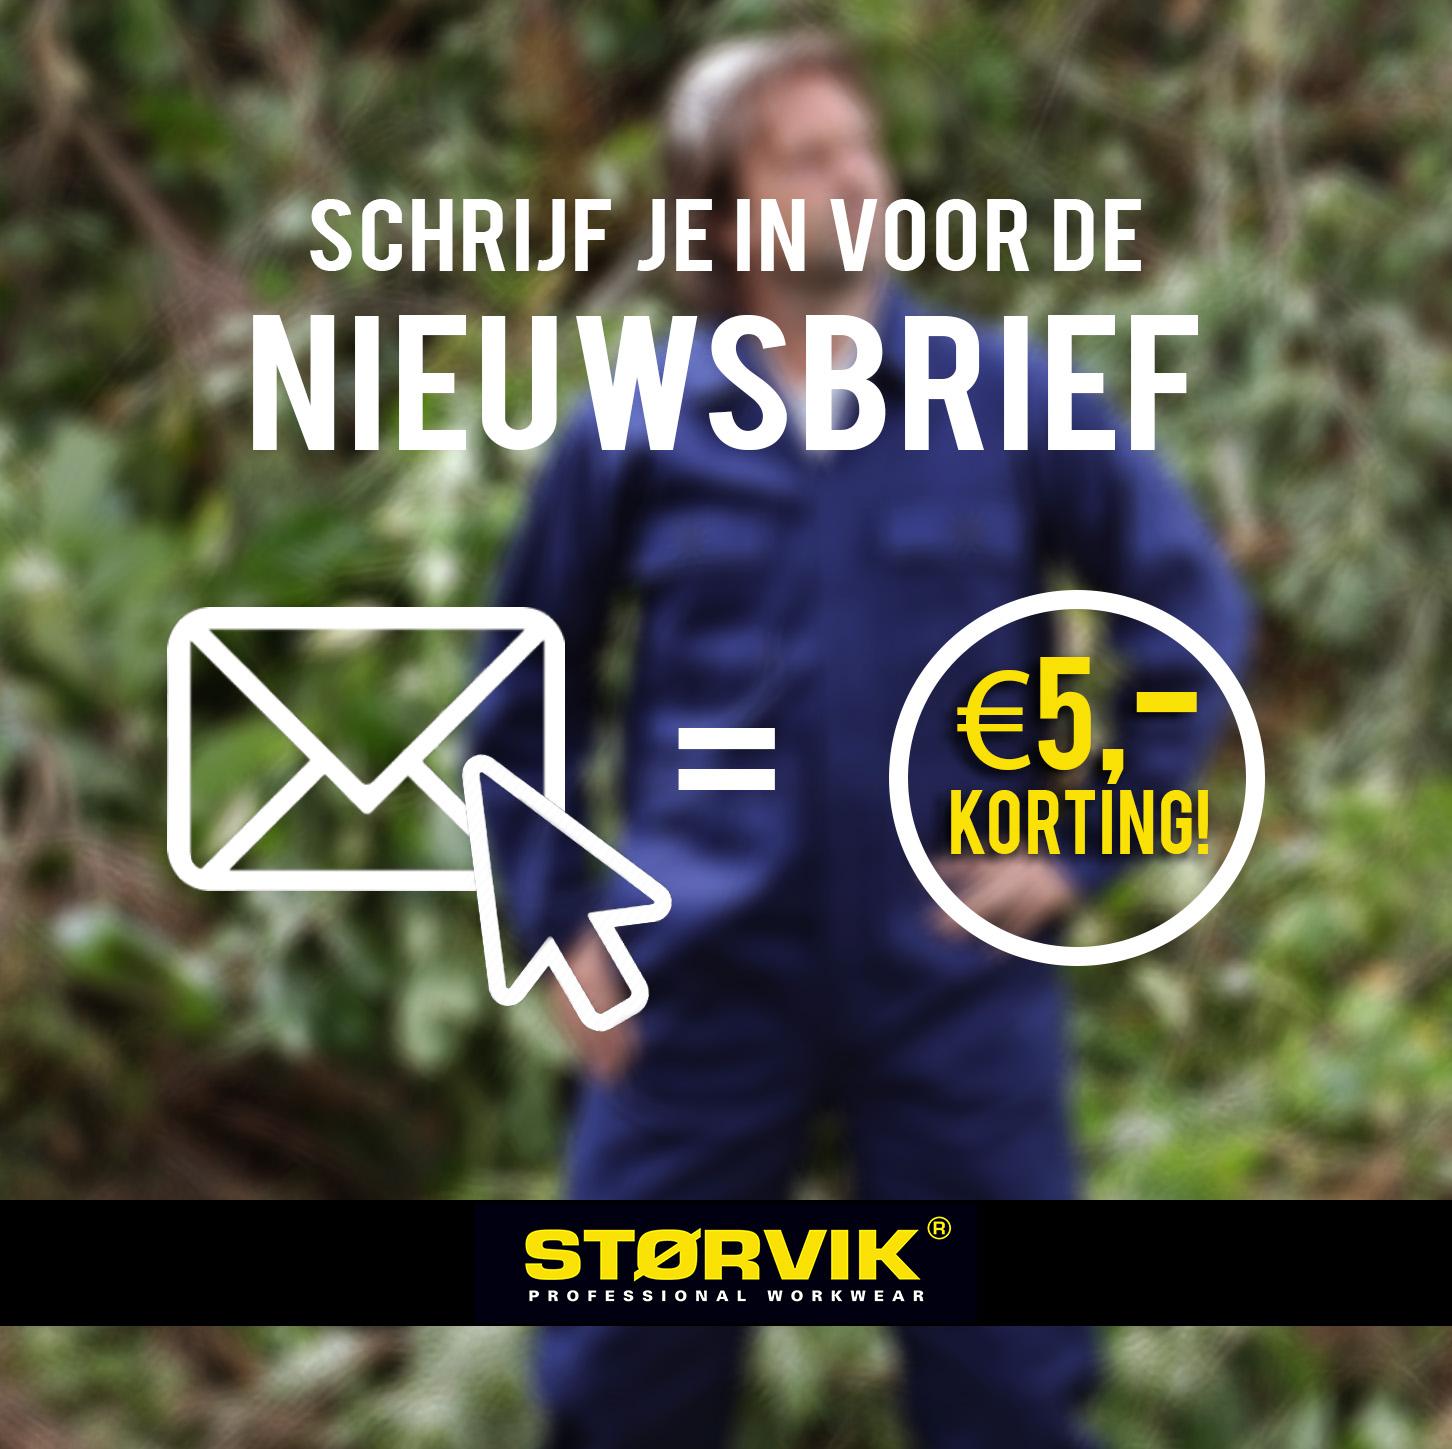 Schrijf je in voor de nieuwsbrief en ontvang €5,00 korting!